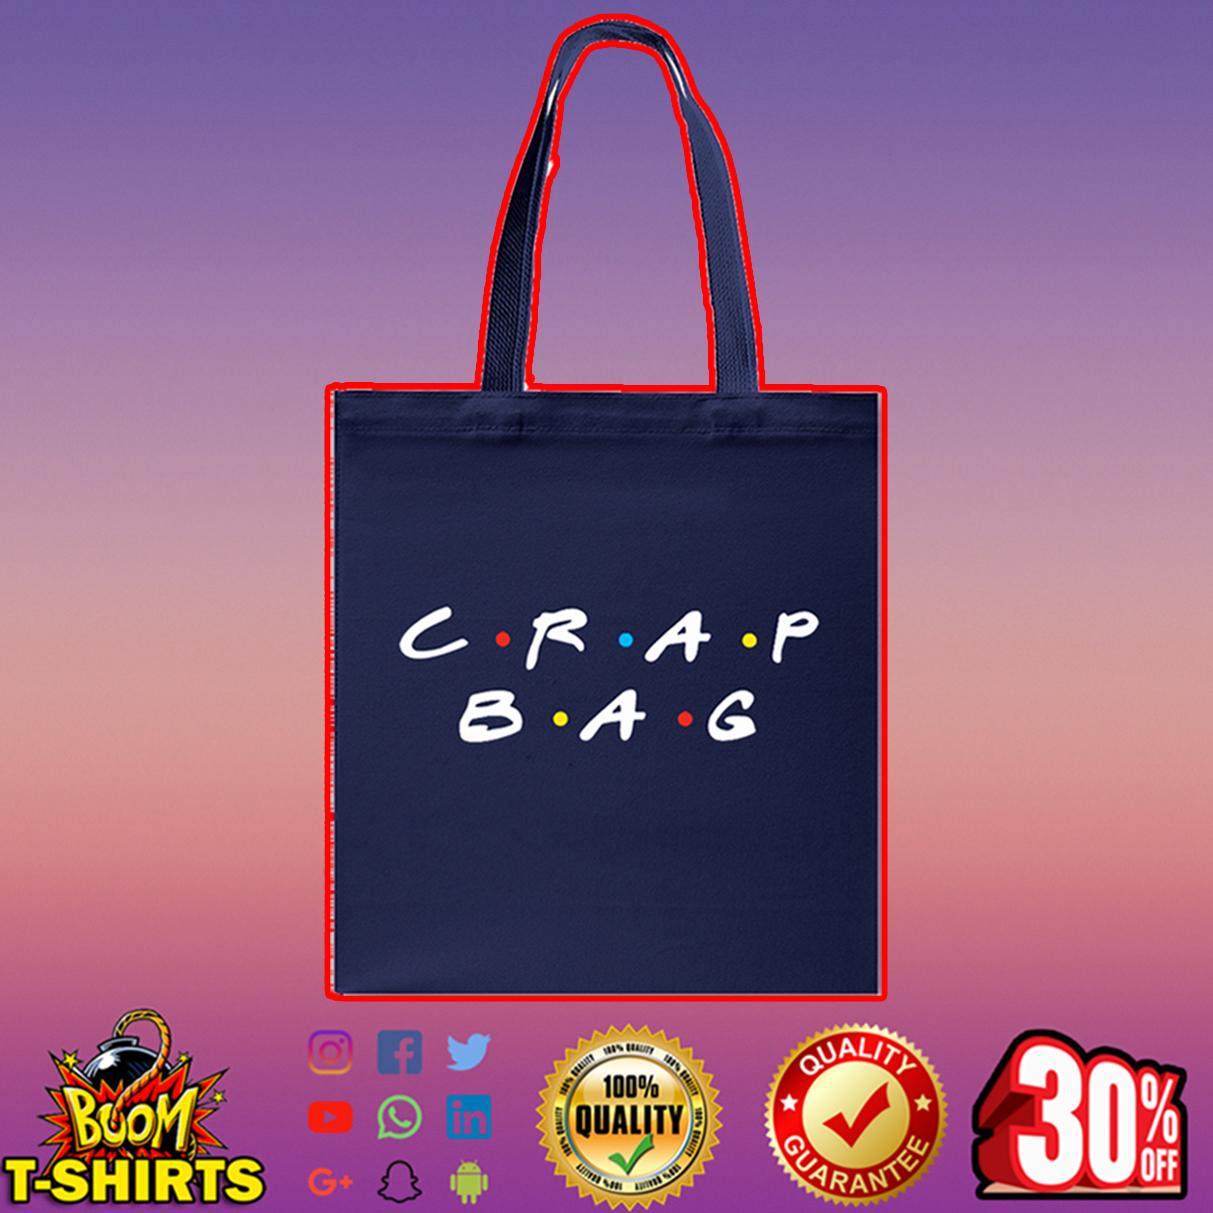 Crap bag Tote bag - navy